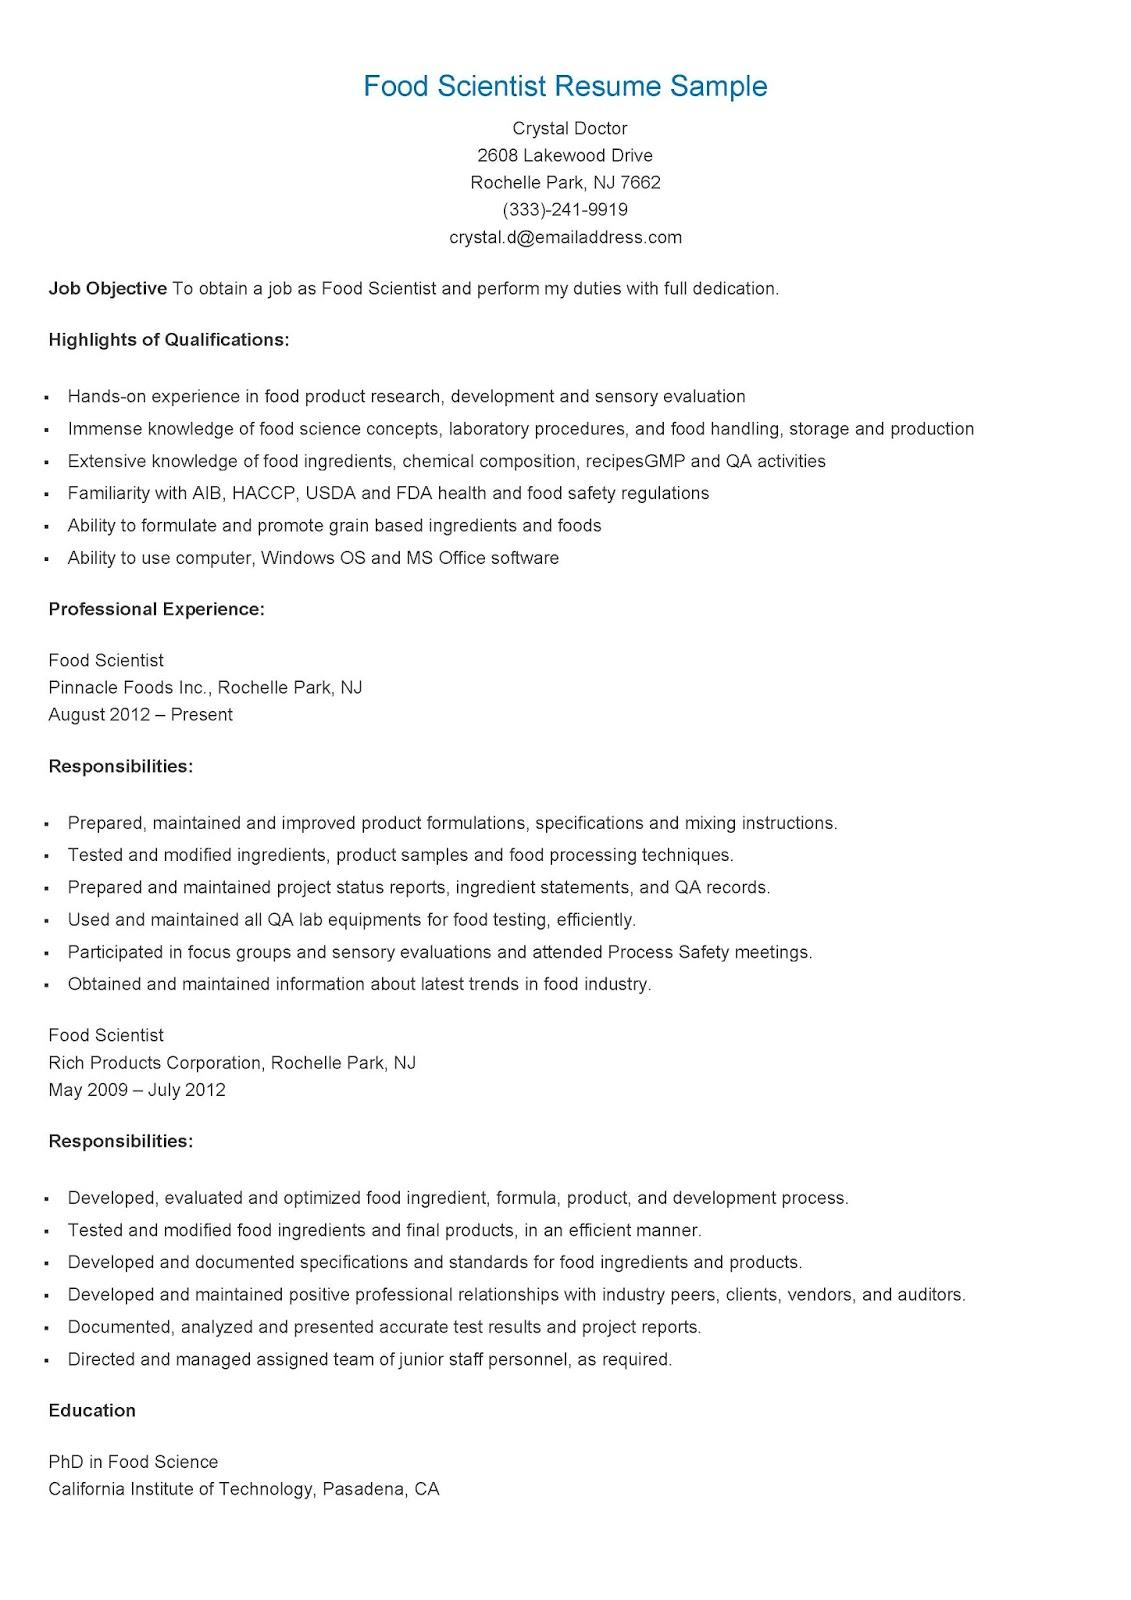 resume samples  food scientist resume sample